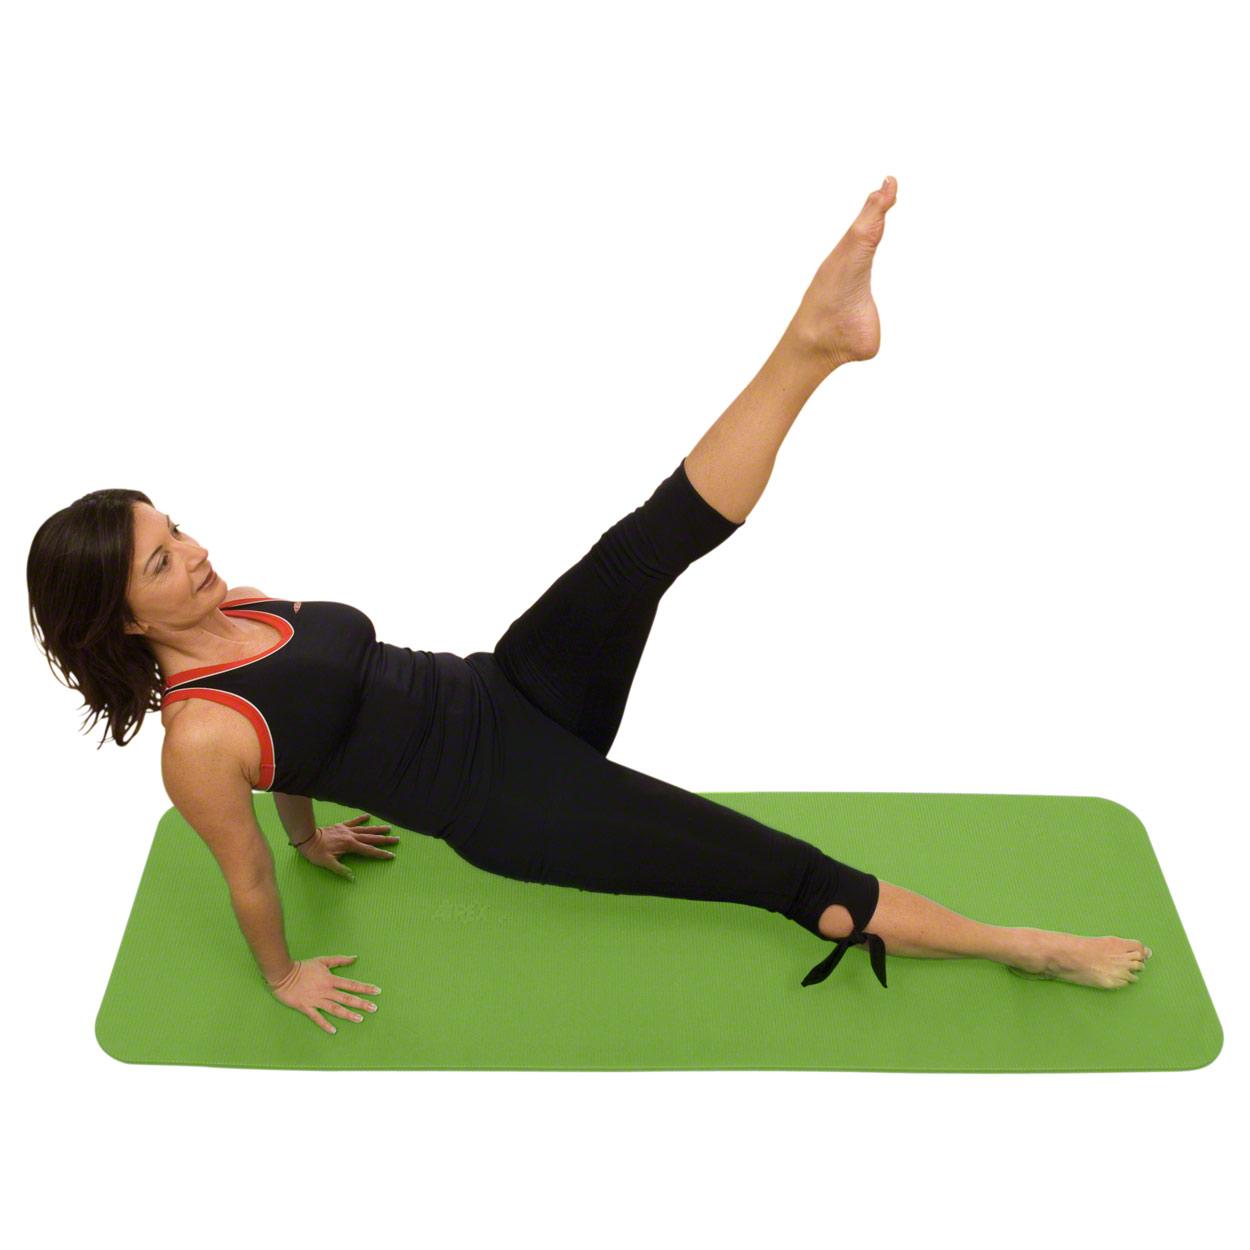 AIREX-Gymnastikmatte-Fitline-140-Sportmatte-Pilatesmatte-Turnmatte-Fitnessmatte Indexbild 7